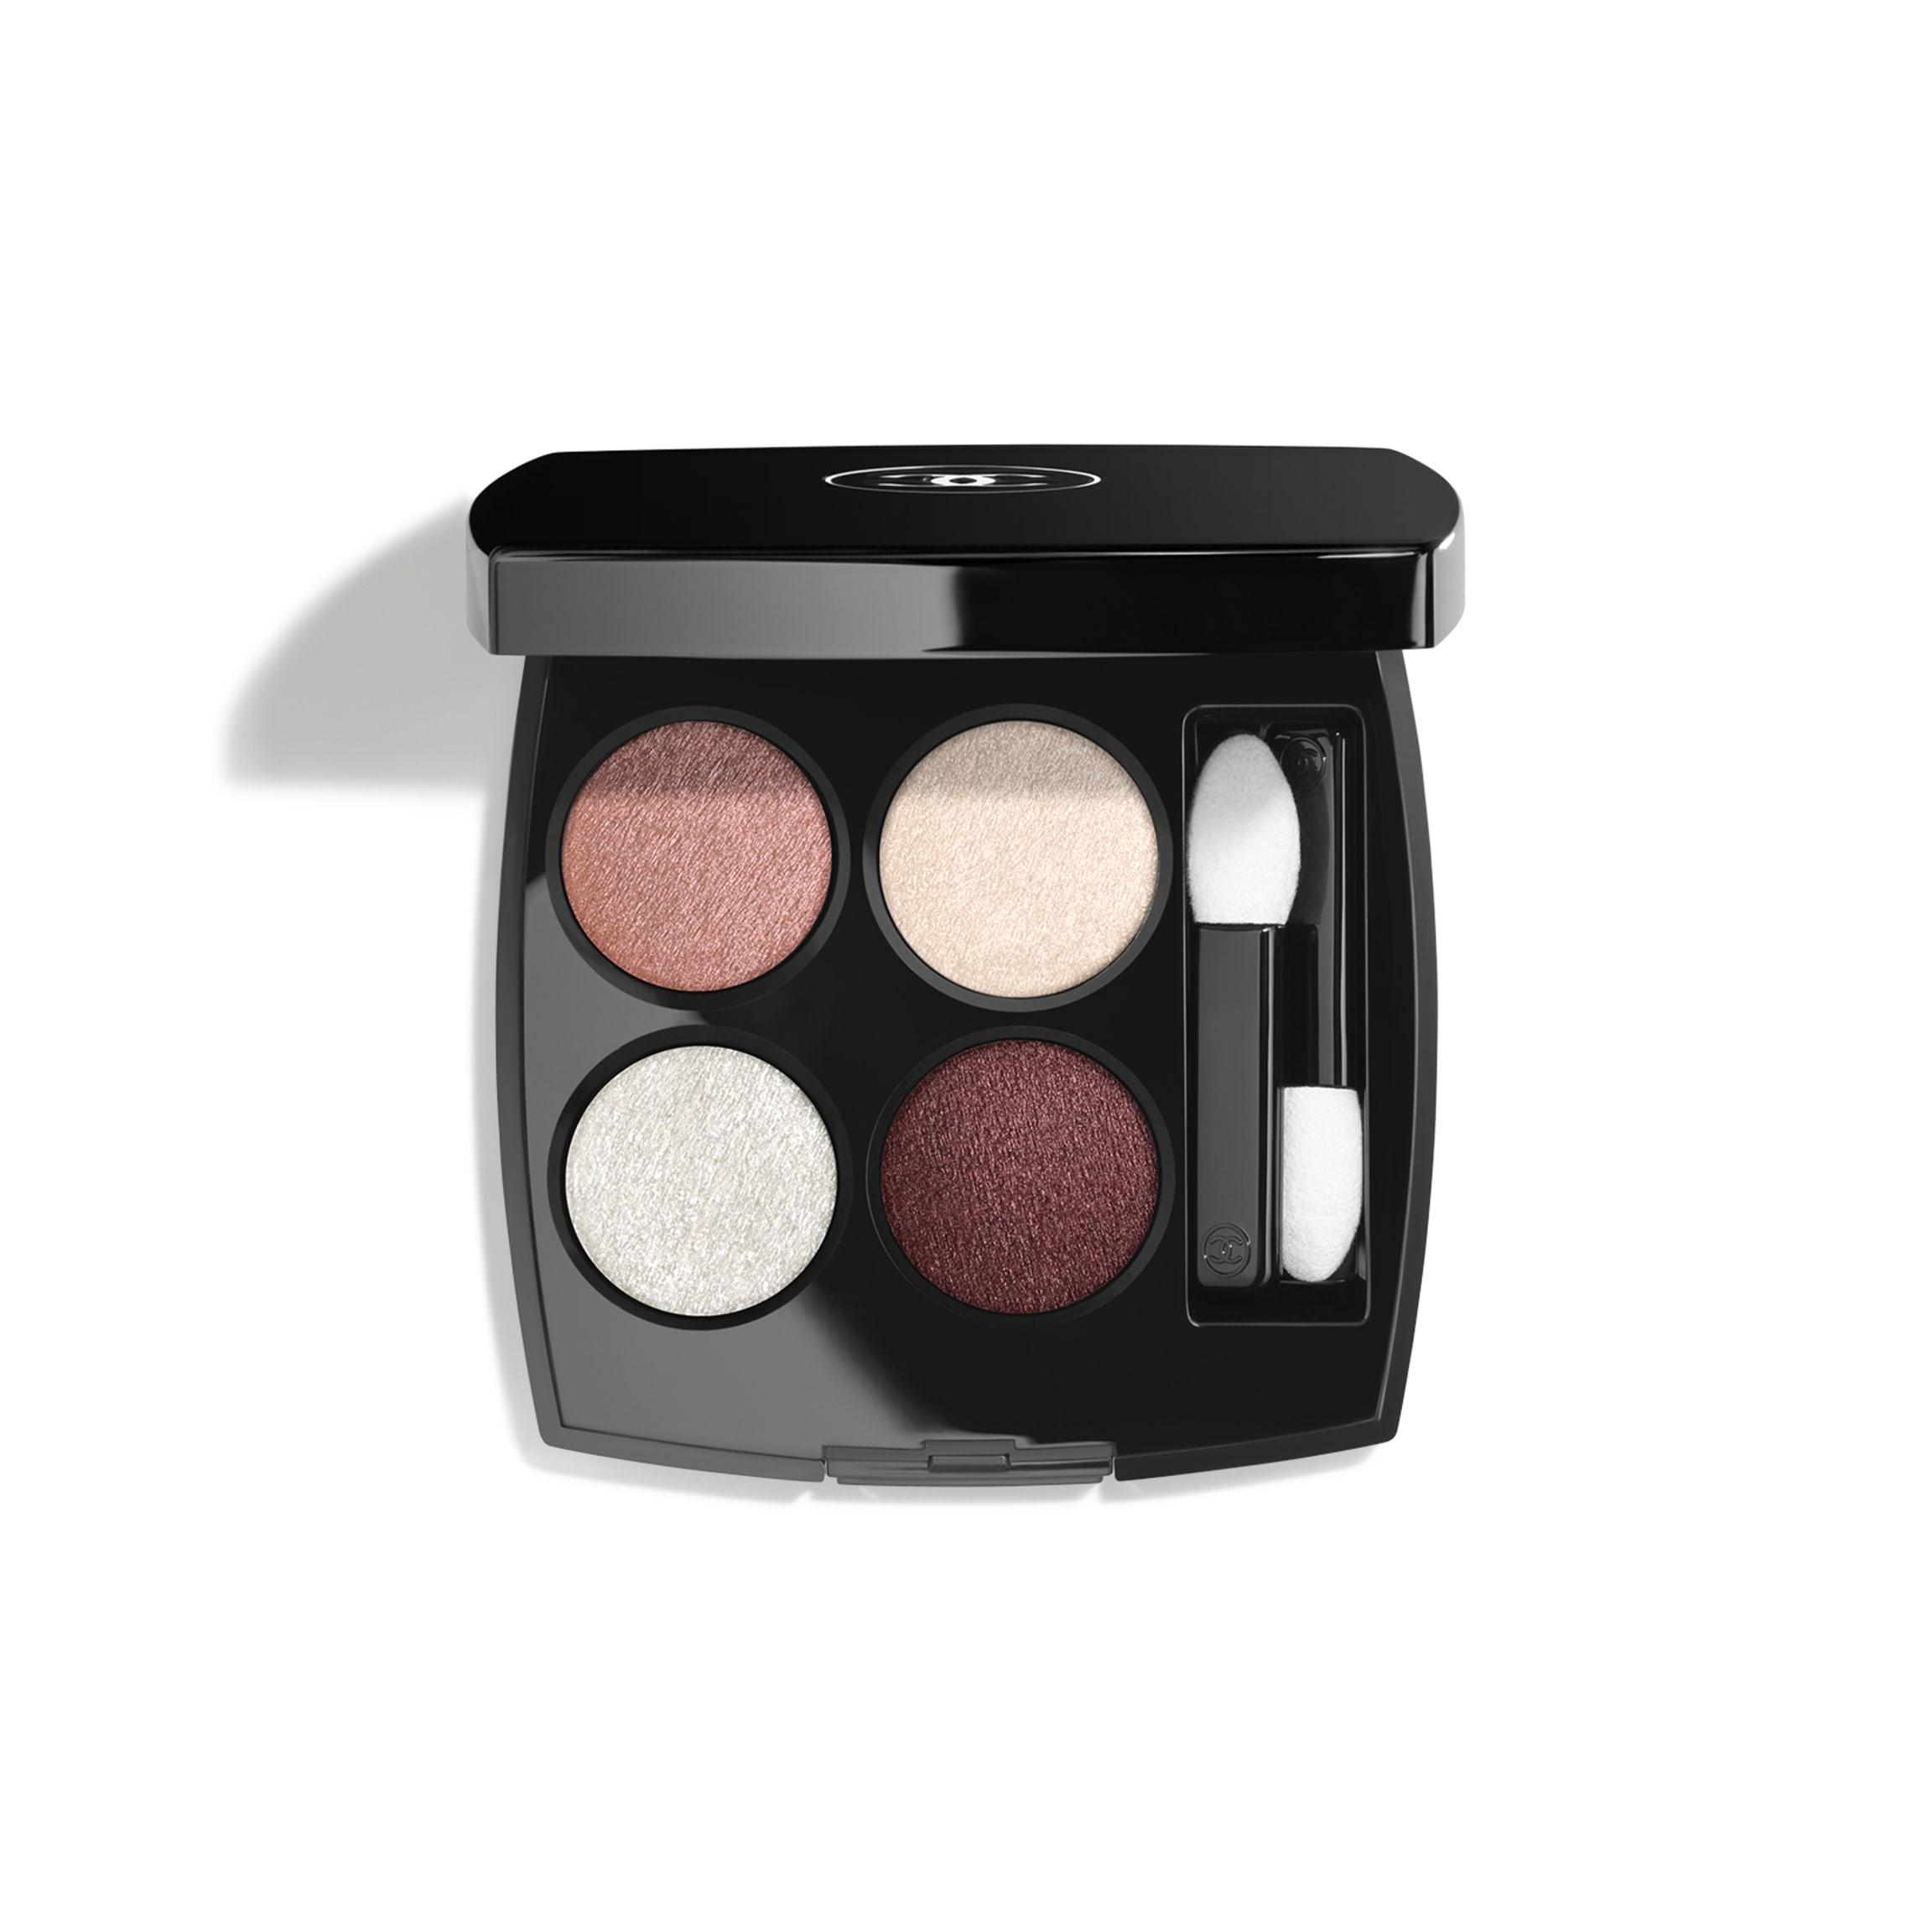 香奈兒新一代4D四色眼影系列 - makeup - 4g - CHANEL - 預設視圖